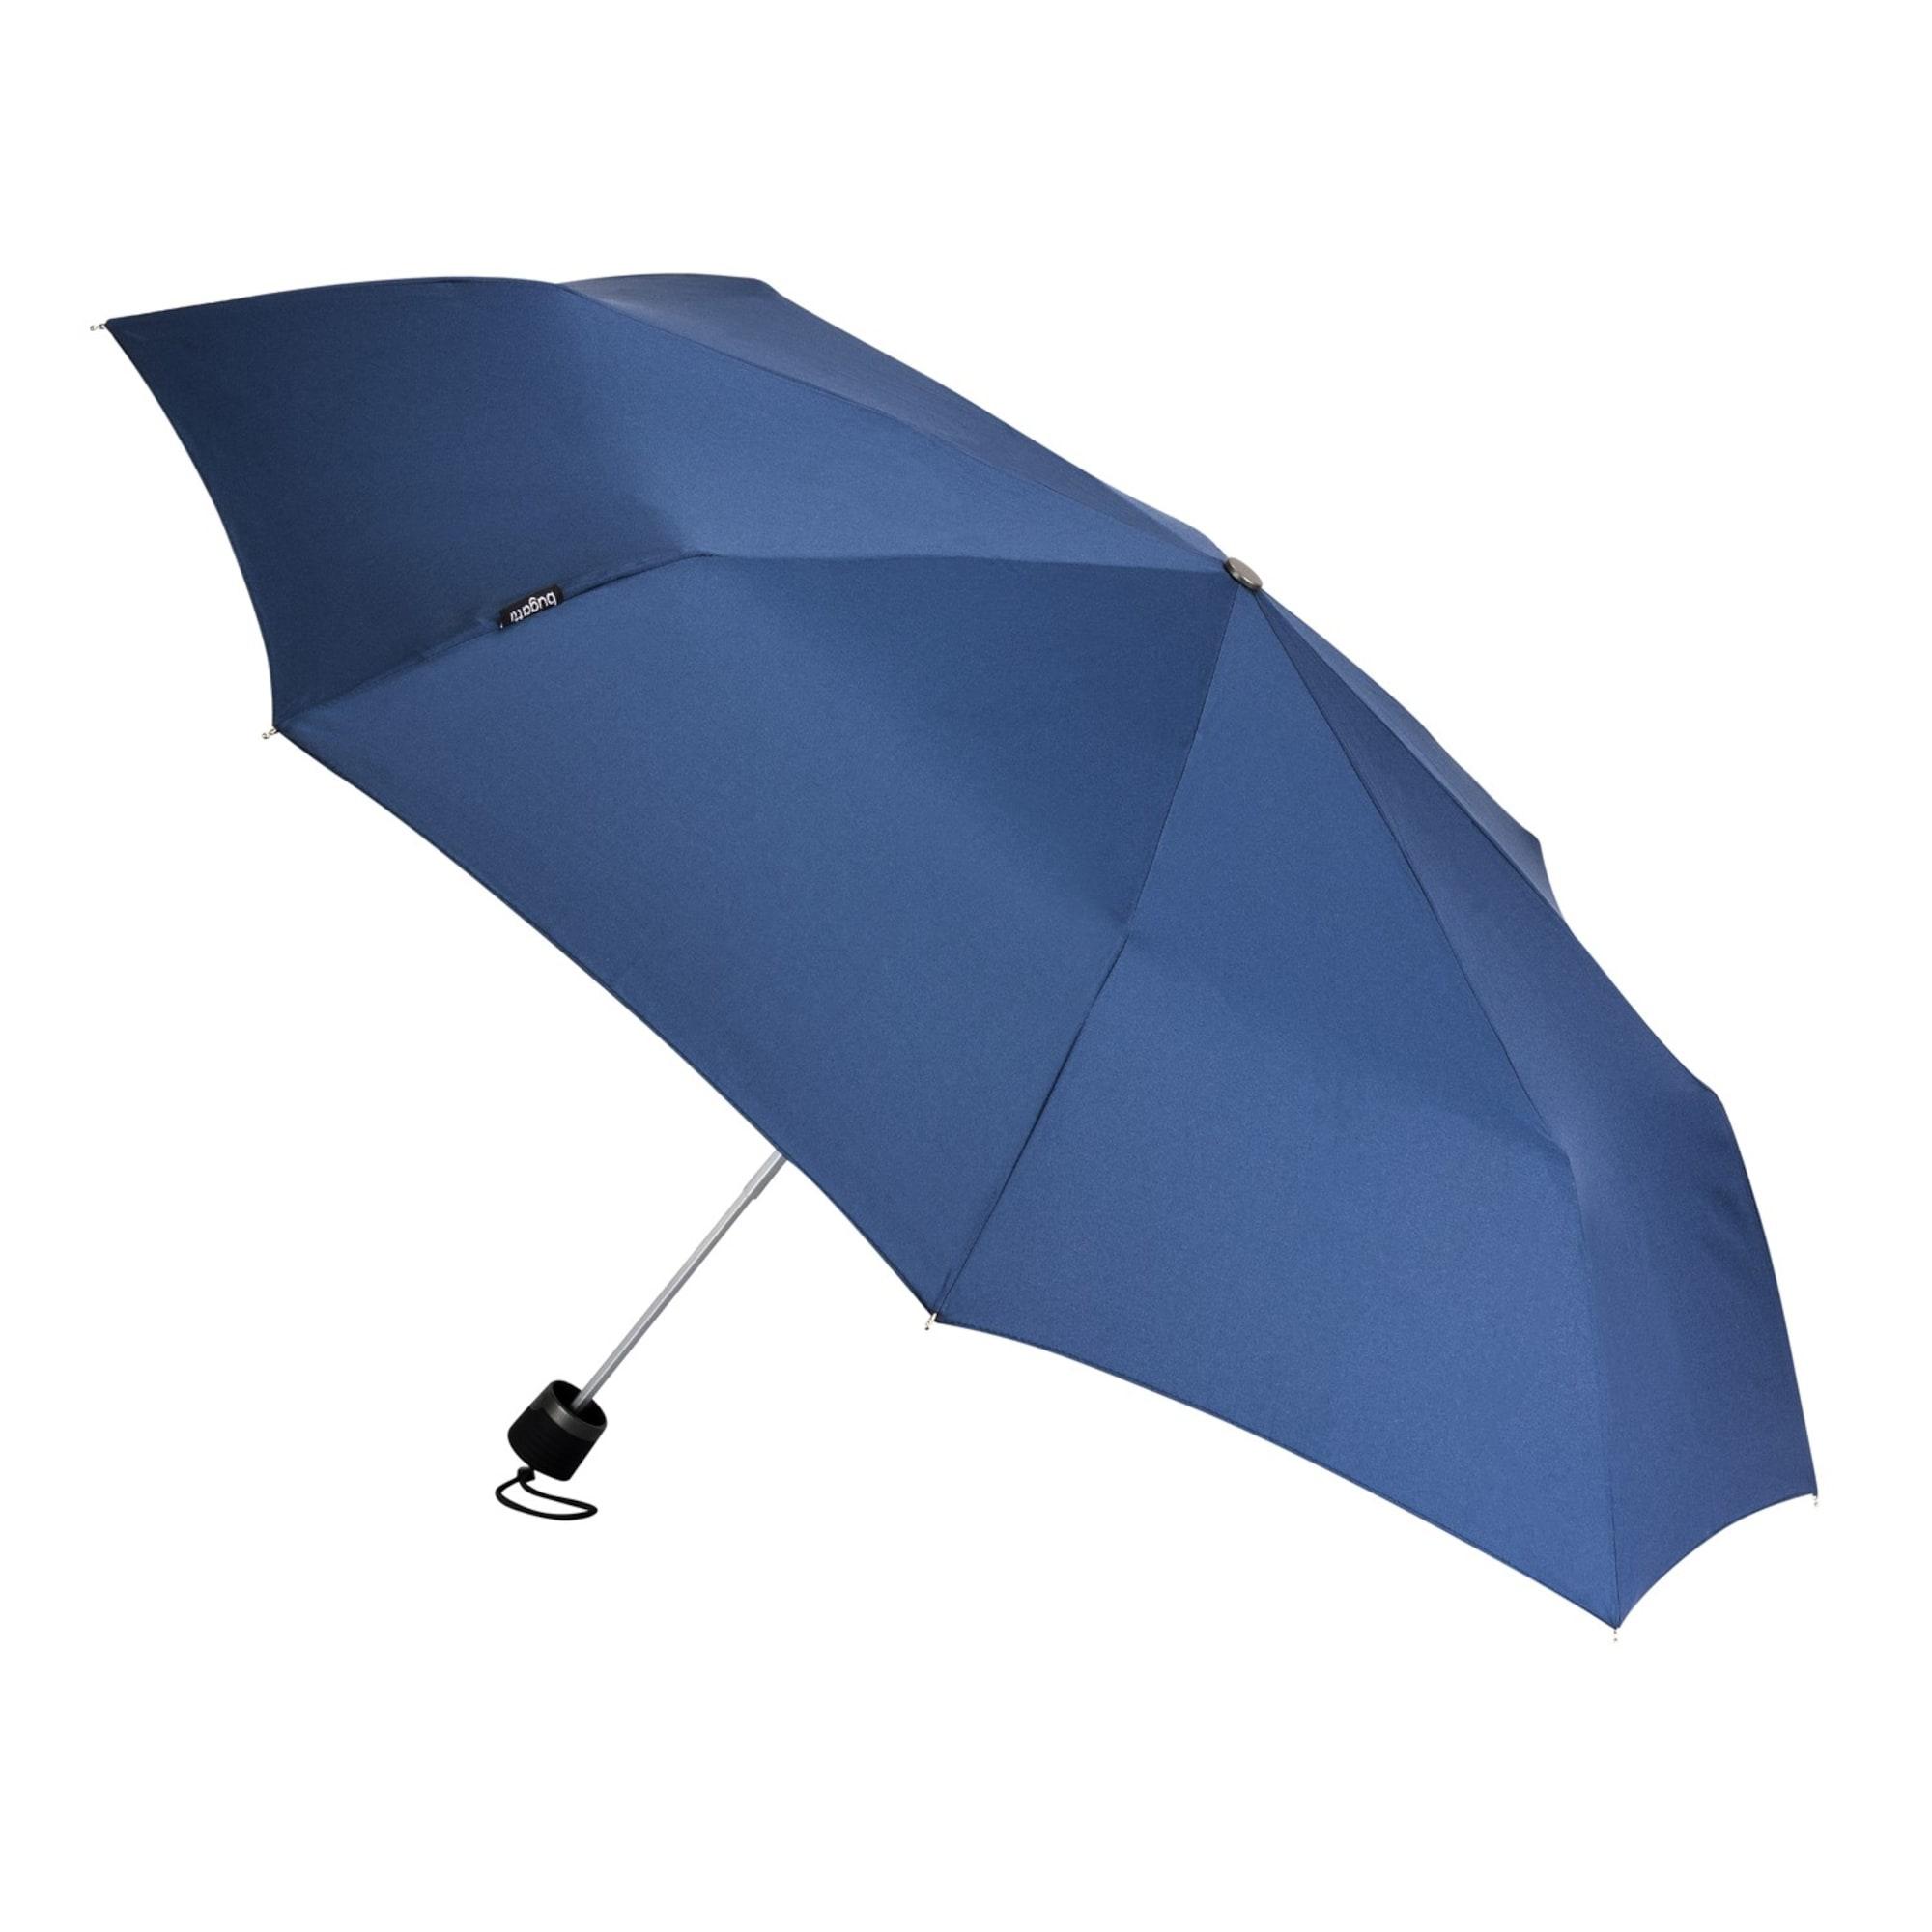 Taschenschirm 'Take It' | Accessoires > Regenschirme | Bugatti